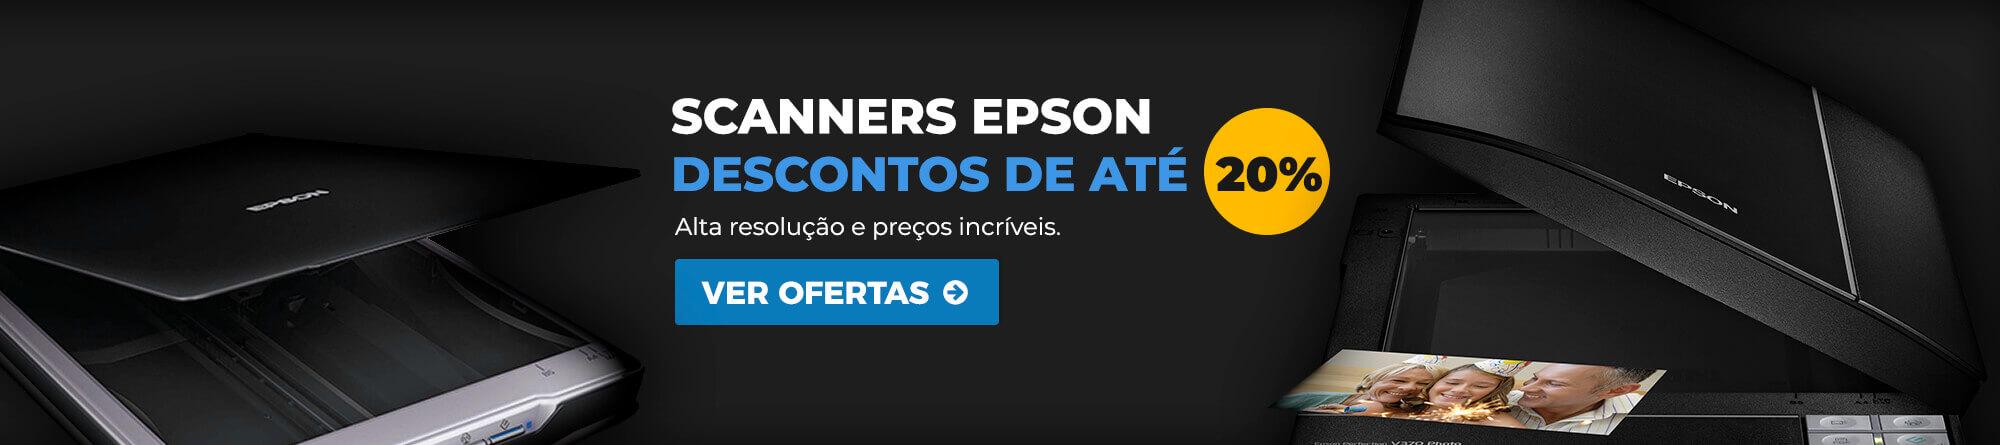 Banner desconto 20% scanners Epson